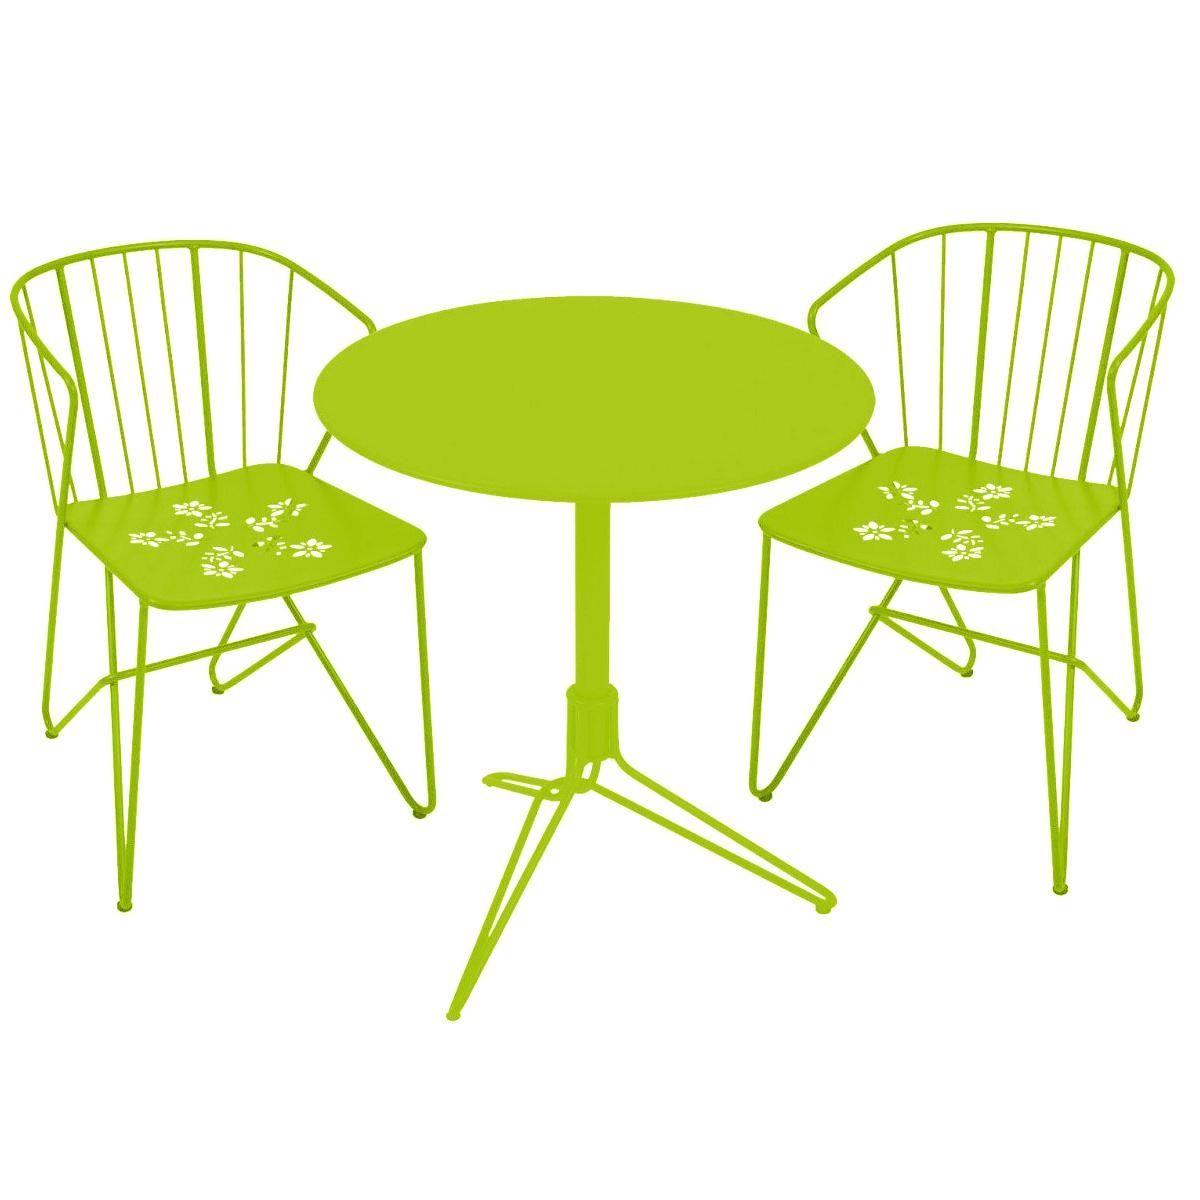 2 flower garden chairs 1 flower garden table fermob